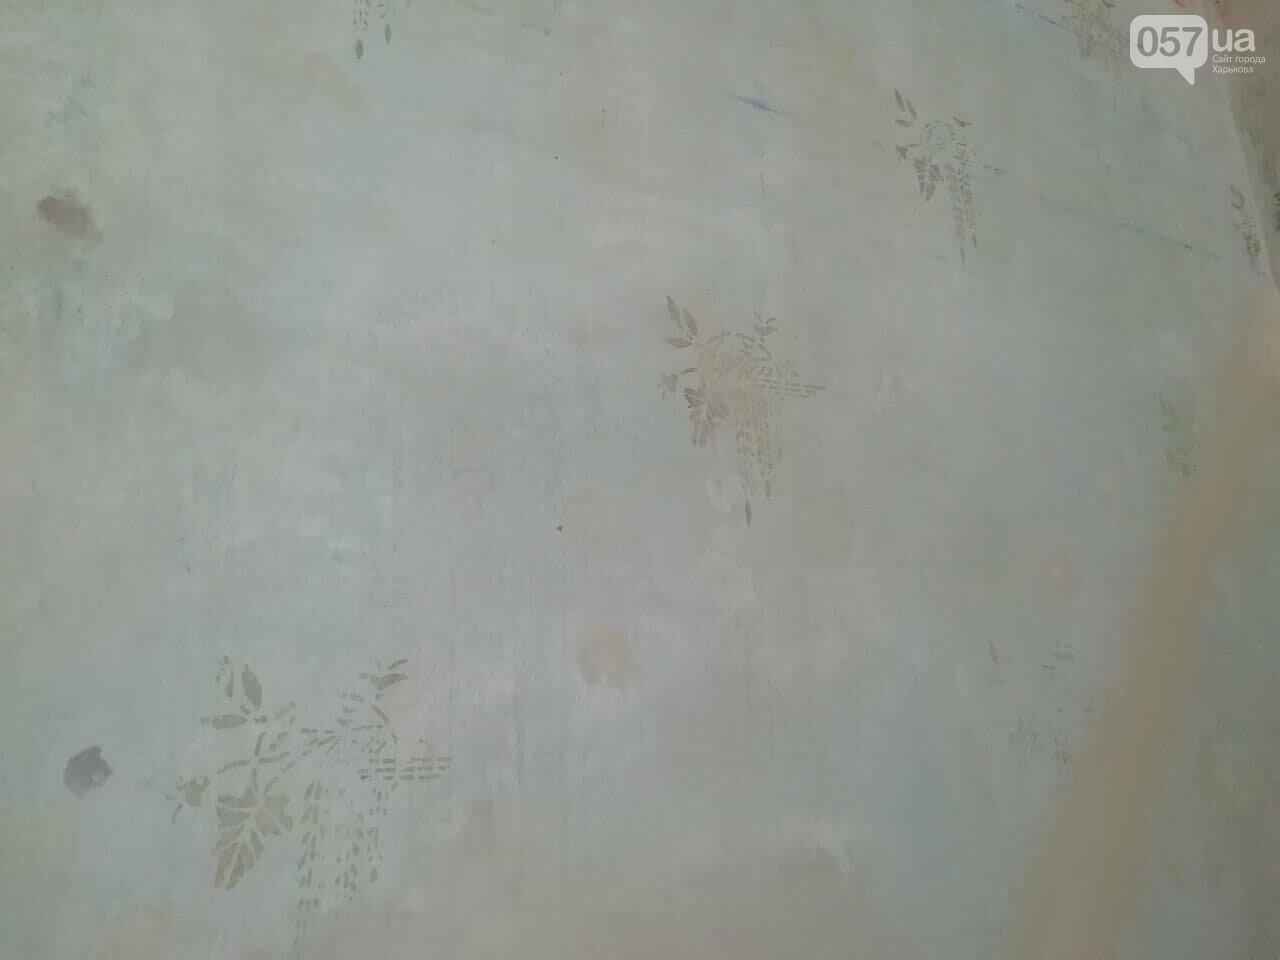 Квартира Шевелева в центра Харькова стала творческой резиденцией, - ФОТО, ВИДЕО, фото-11